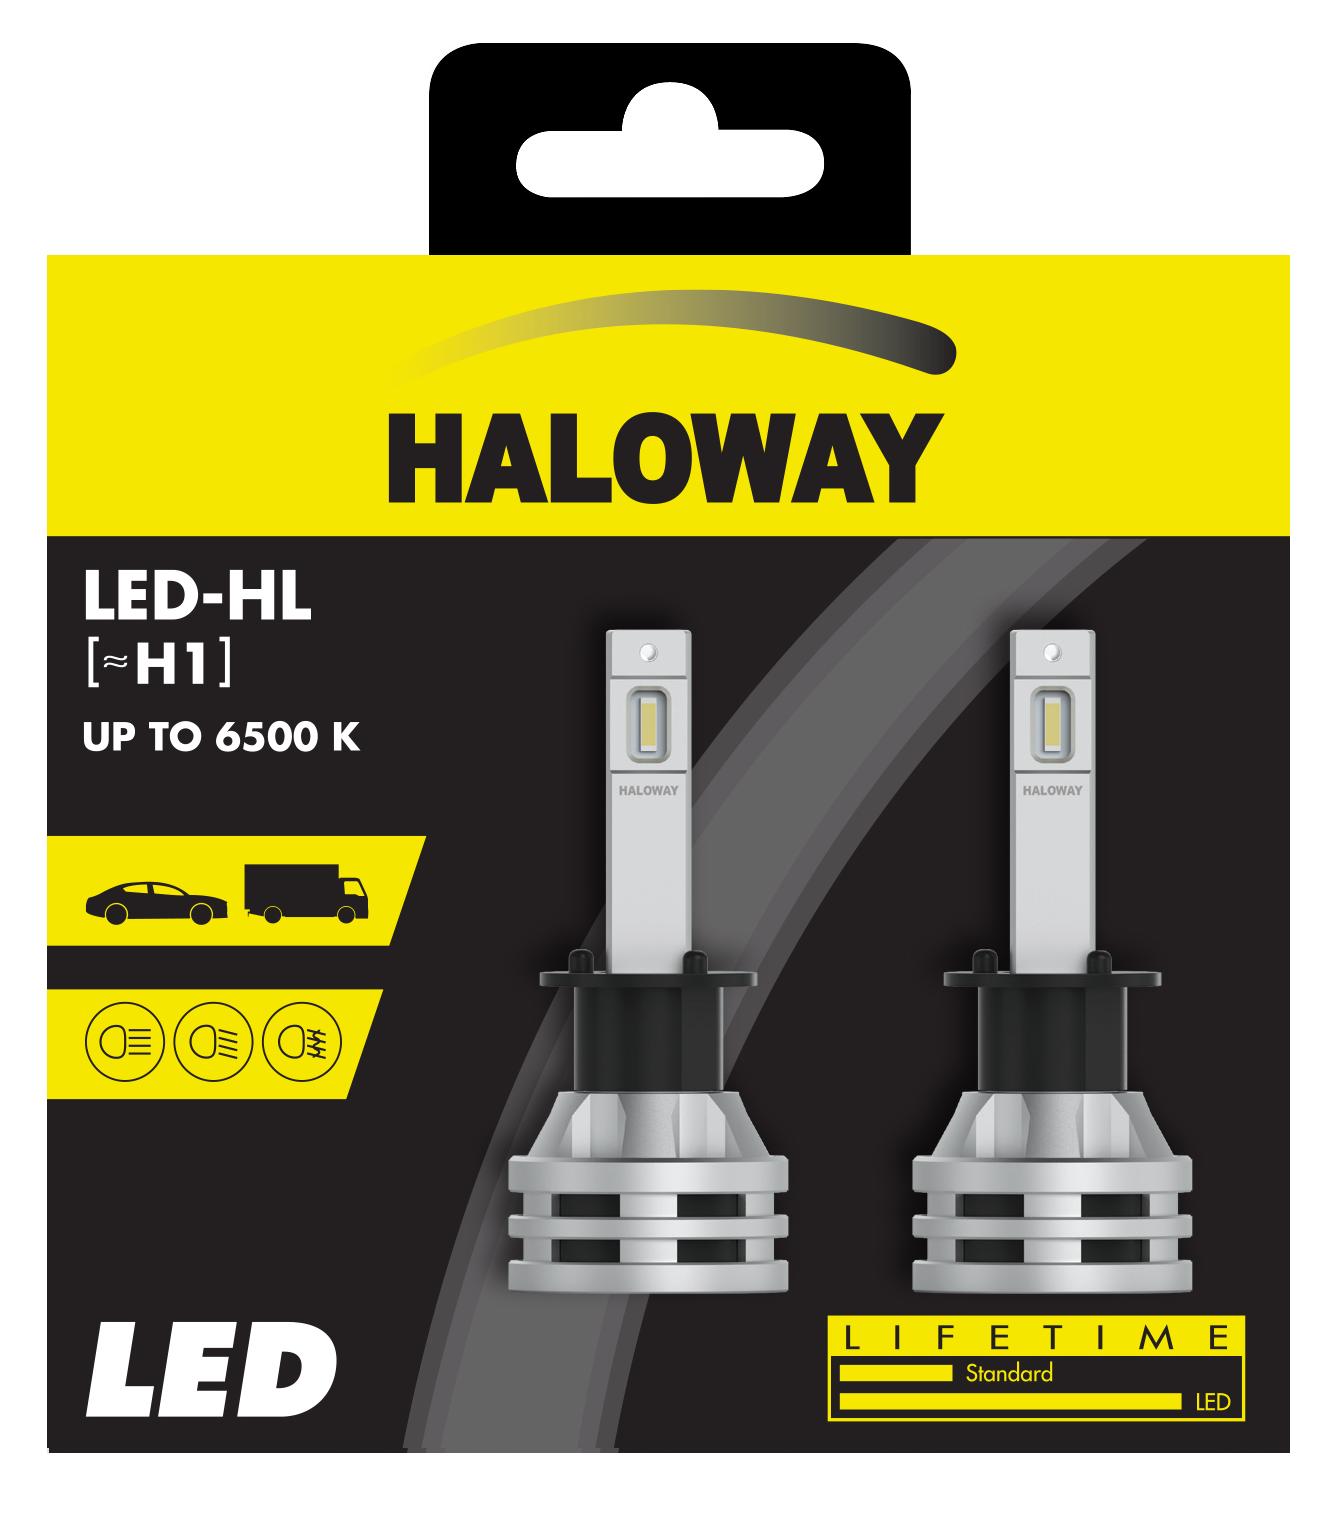 LED H1 HAL